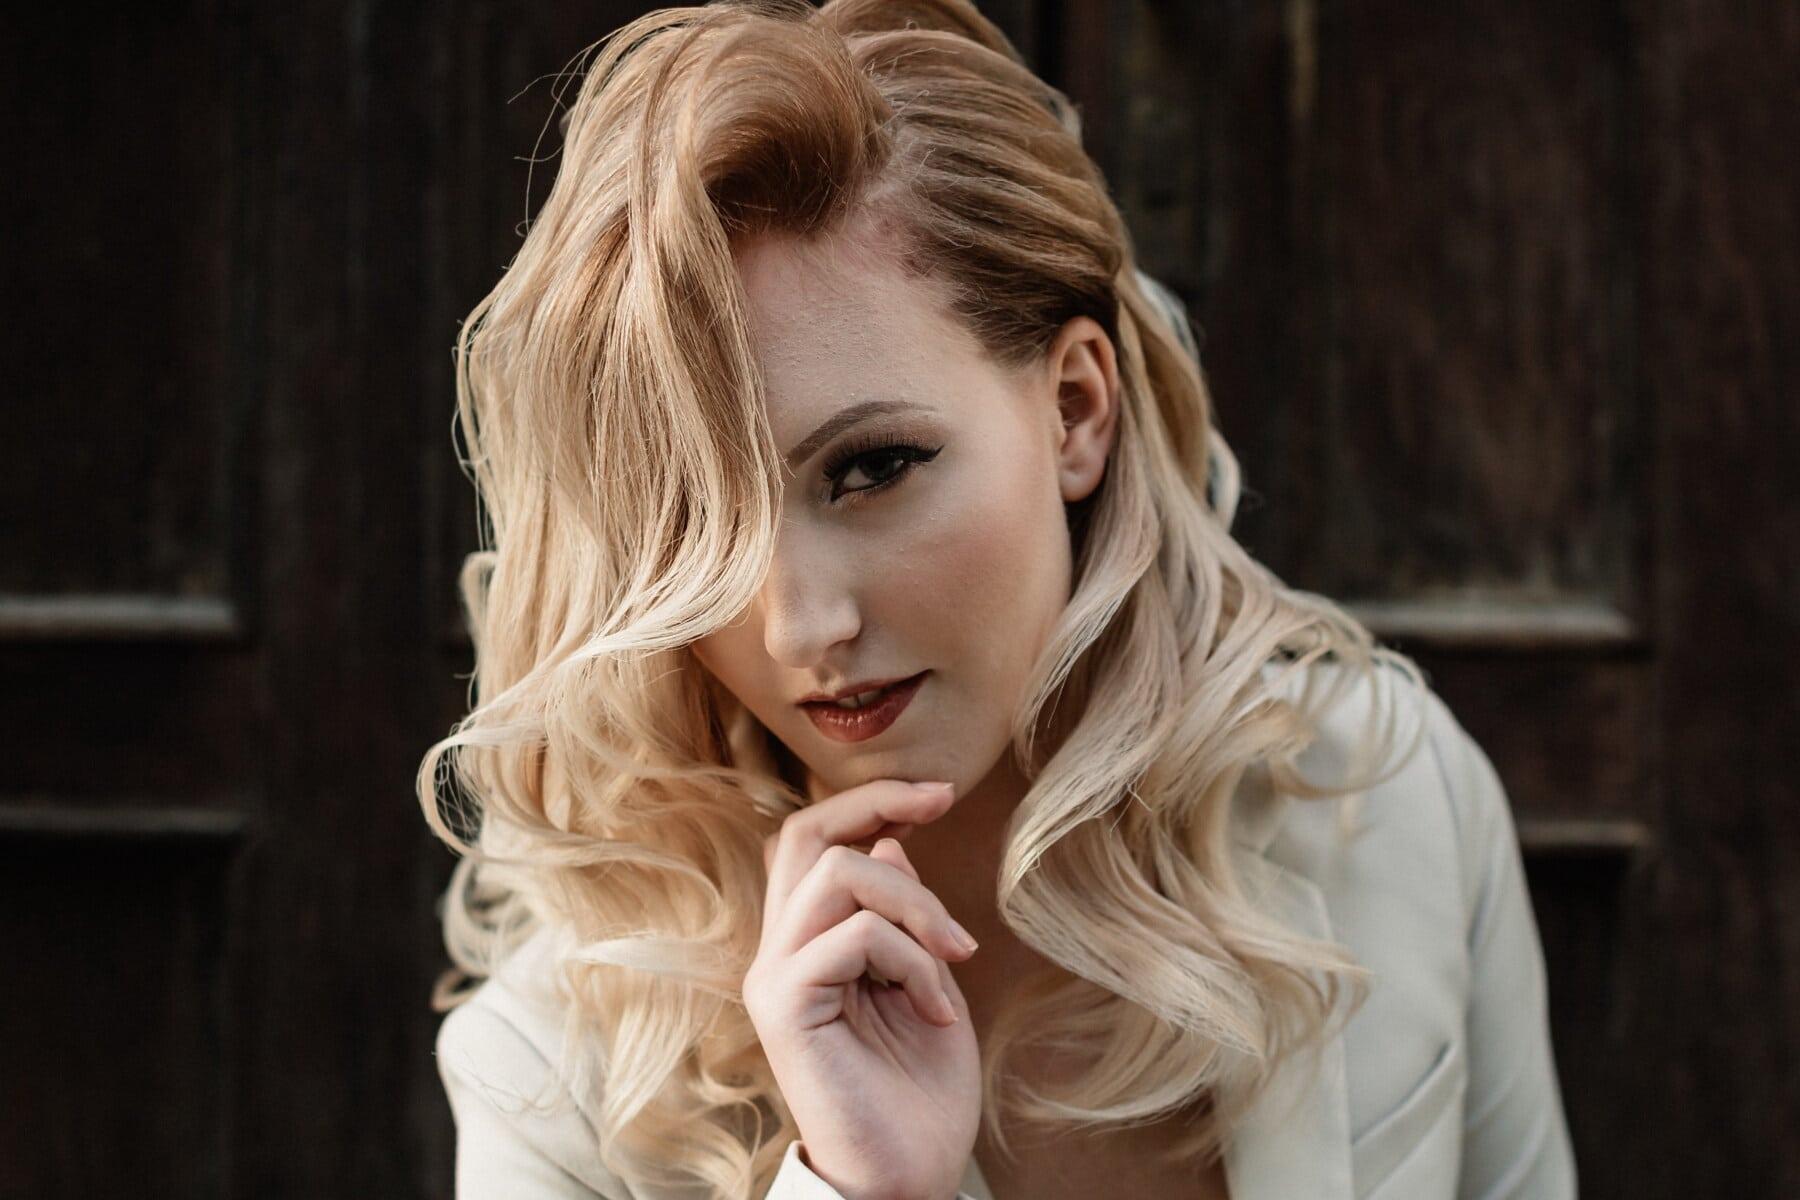 女士, 肖像, 漂亮女孩, 青少年, 金色头发, 脸, 魅力, 漂亮, 优雅, 时尚